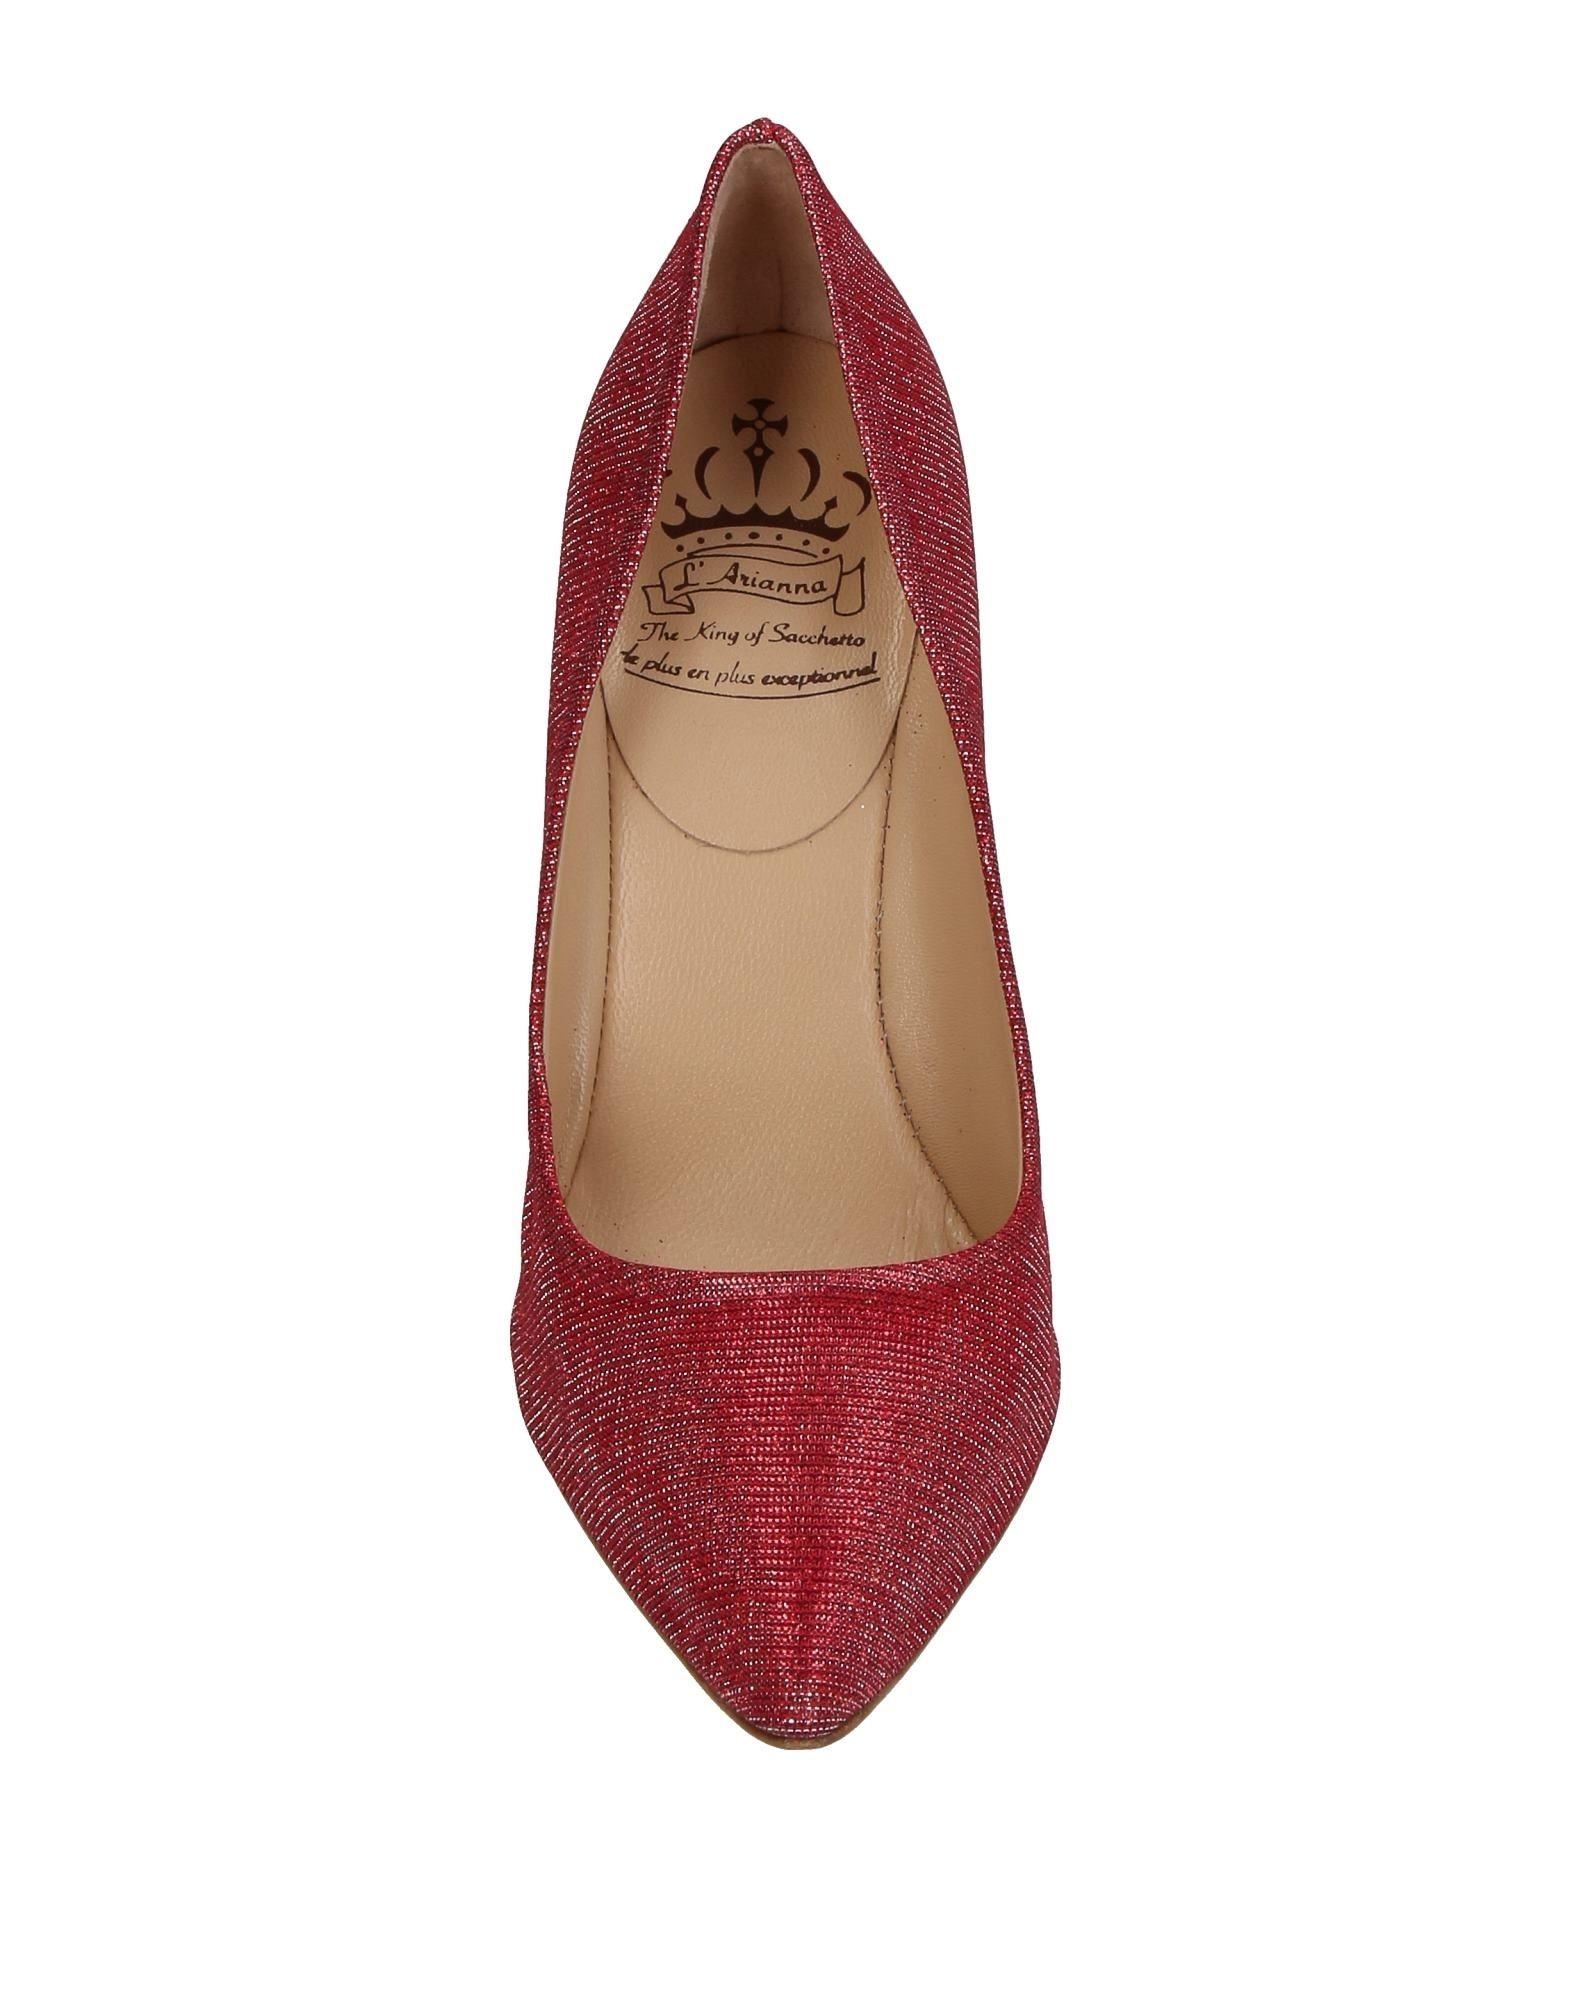 L arianna Pumps Damen beliebte 11134099HB Gute Qualität beliebte Damen Schuhe 7fe3f4